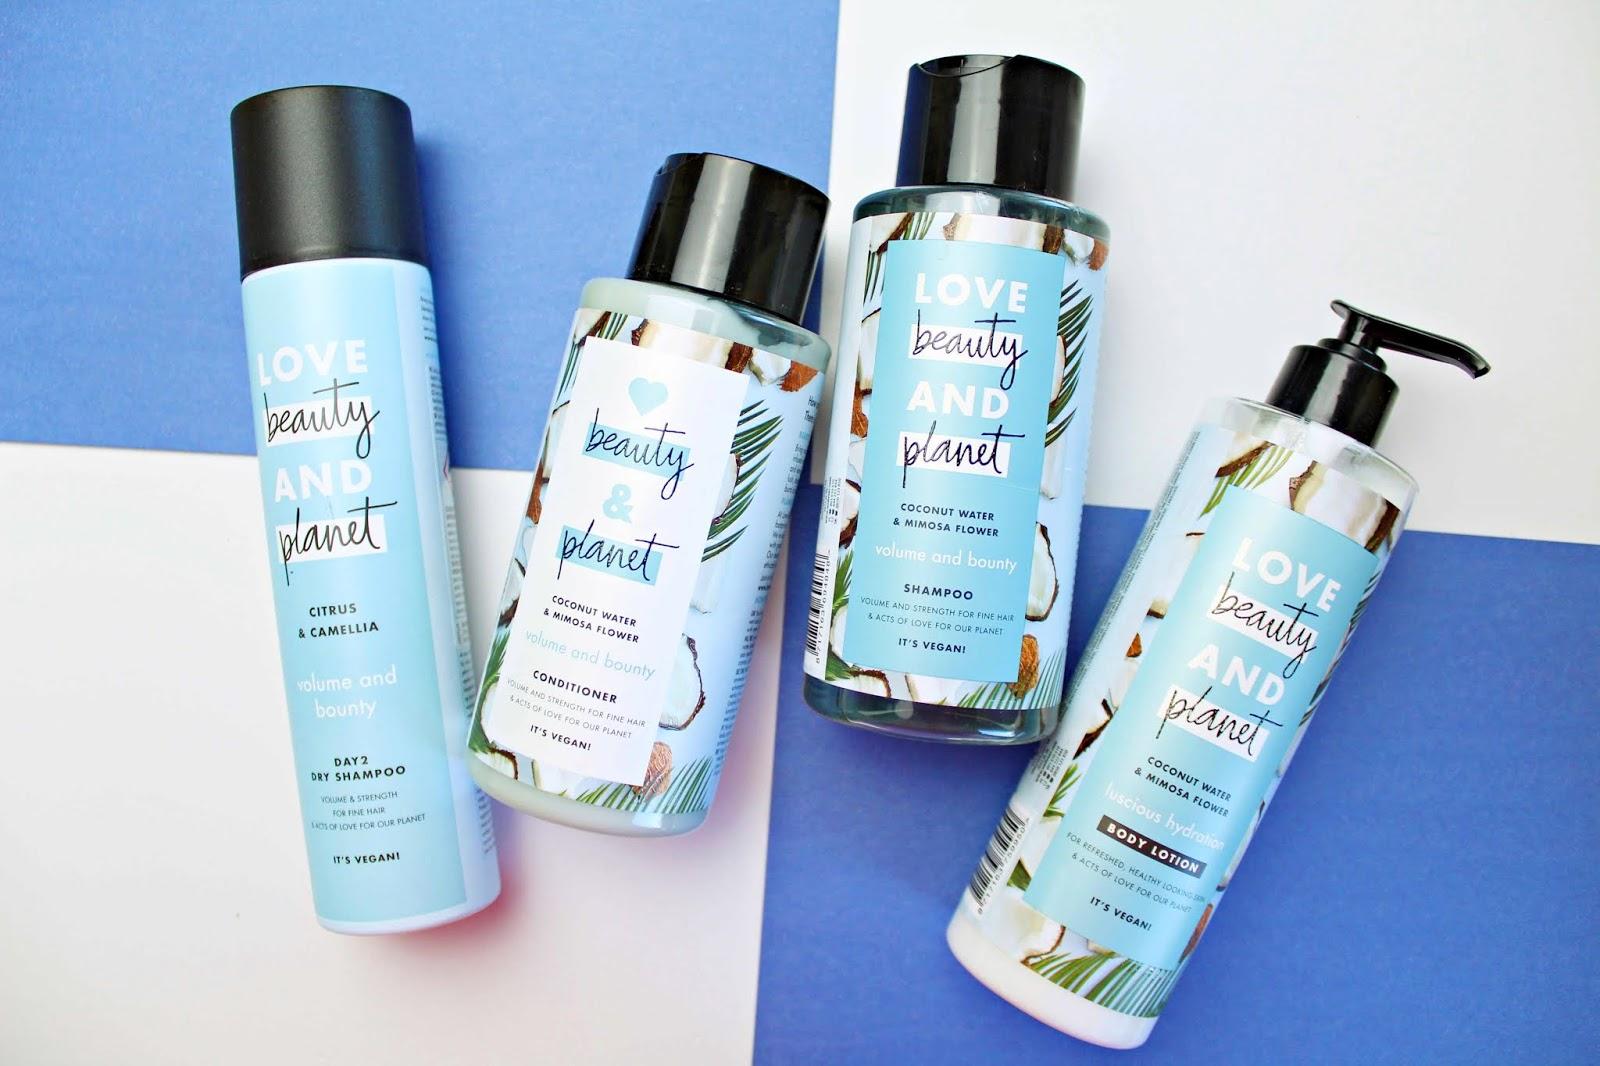 Love Beauty and Planet - kolekcja kosmetyków z wodą kokosową i kwiatem mimozy